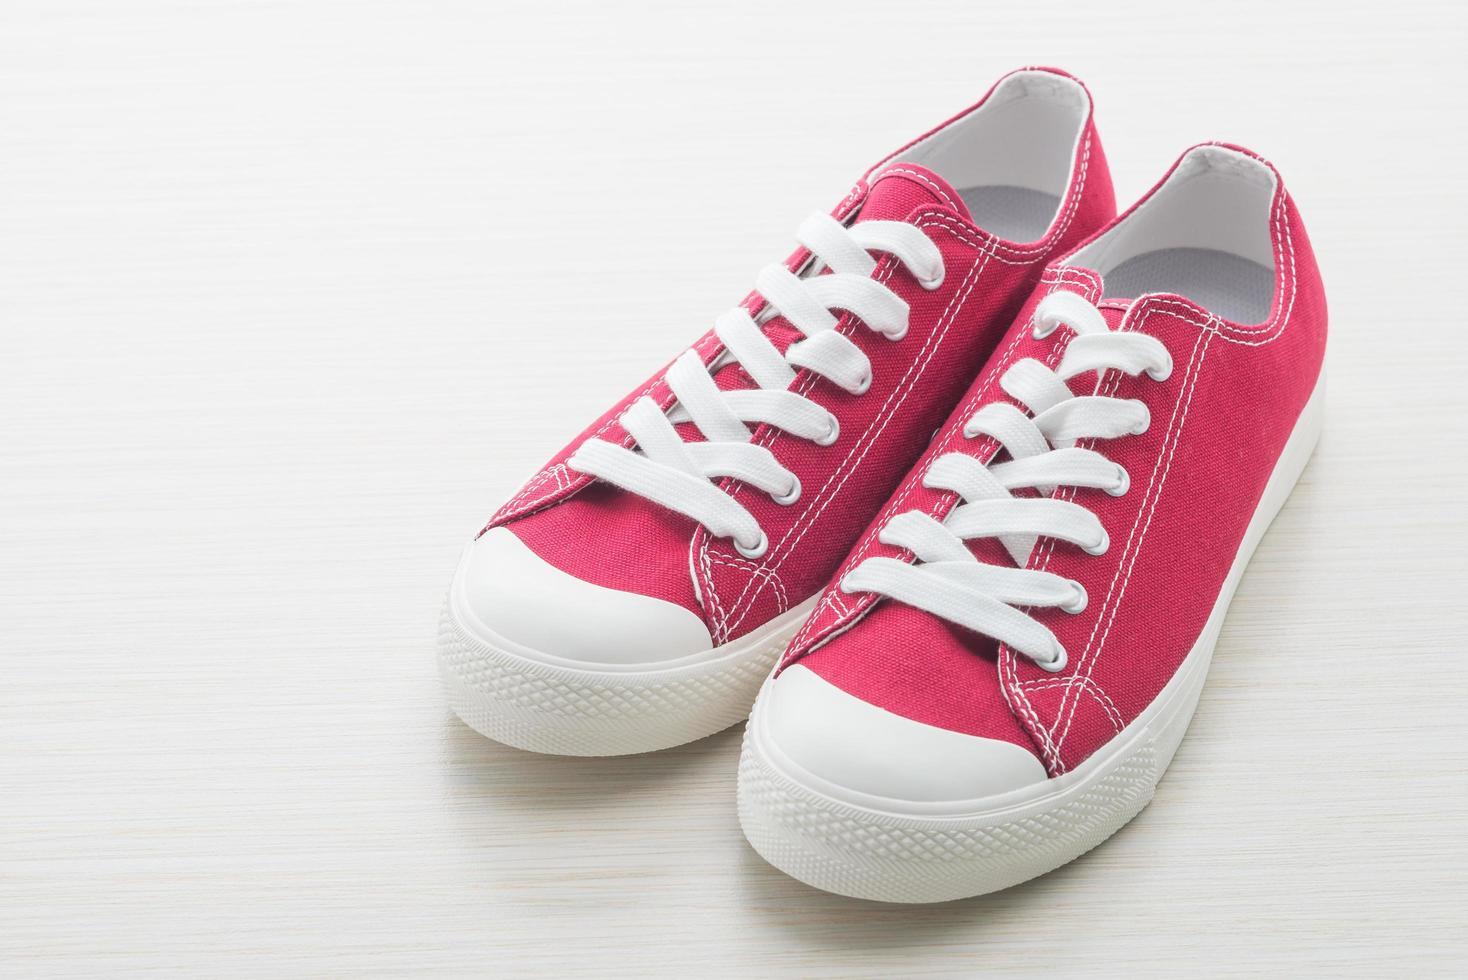 chaussures rouges sur fond blanc photo